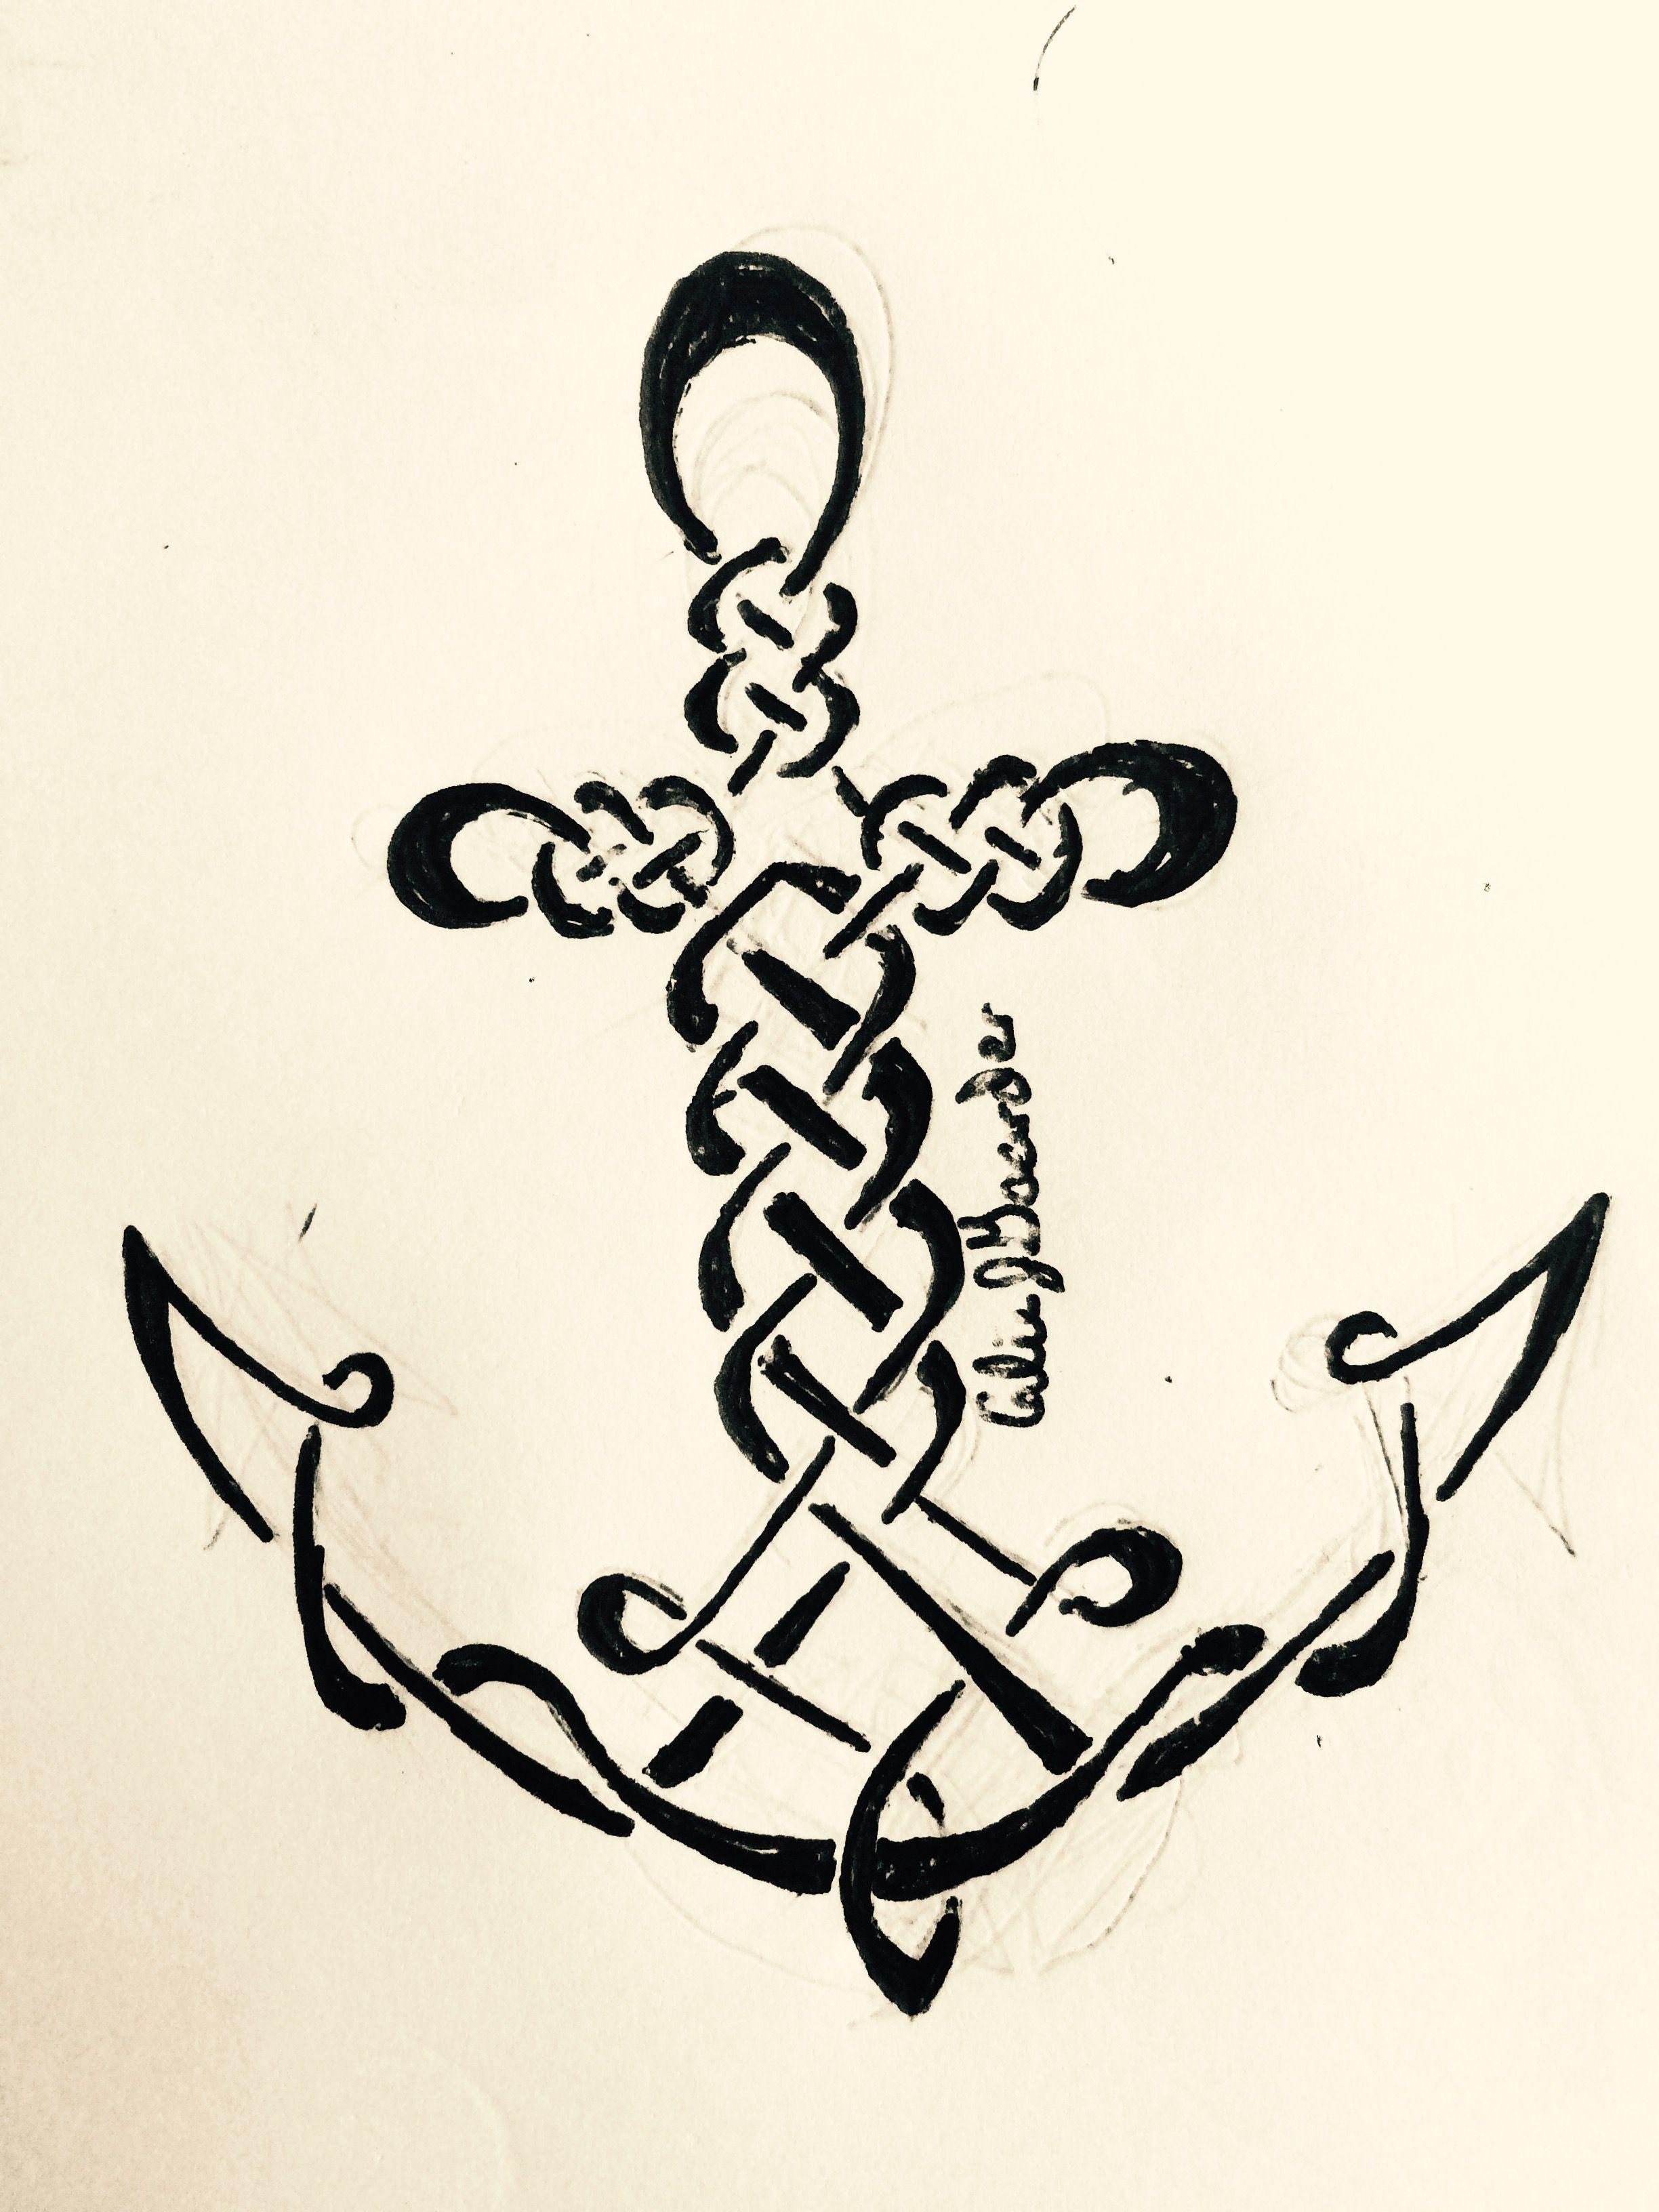 Celtic Anchor Tattoo Artist Calie Gaarder Anchor Tattoo Celtic Tribal Tattoos Tattoo Artists